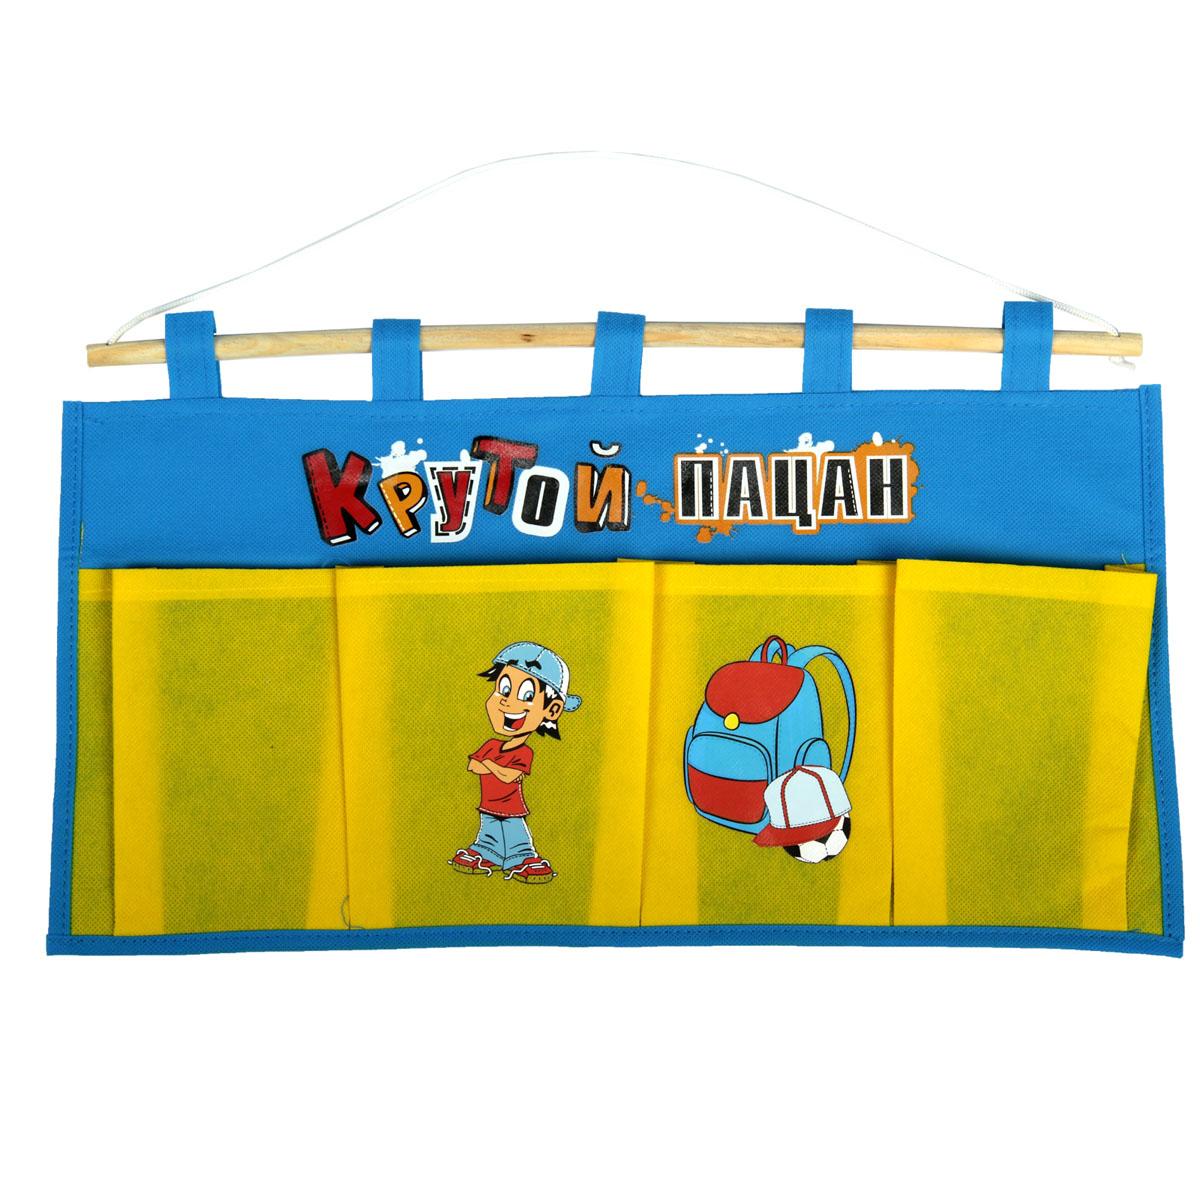 Кармашки на стену Sima-land Крутой пацан, цвет: голубой, желтый, красный, 4 штUP210DFКармашки на стену Sima-land «Крутой пацан», изготовленные из текстиля, предназначены для хранения необходимых вещей, множества мелочей в гардеробной, ванной, детской комнатах. Изделие представляет собой текстильное полотно с четырьмя пришитыми кармашками. Благодаря деревянной планке и шнурку, кармашки можно подвесить на стену или дверь в необходимом для вас месте. Кармашки декорированы изображениями мальчика, рюкзака, футбольного мяча и надписью «Крутой пацан».Этот нужный предмет может стать одновременно и декоративным элементом комнаты. Яркий дизайн, как ничто иное, способен оживить интерьер вашего дома.